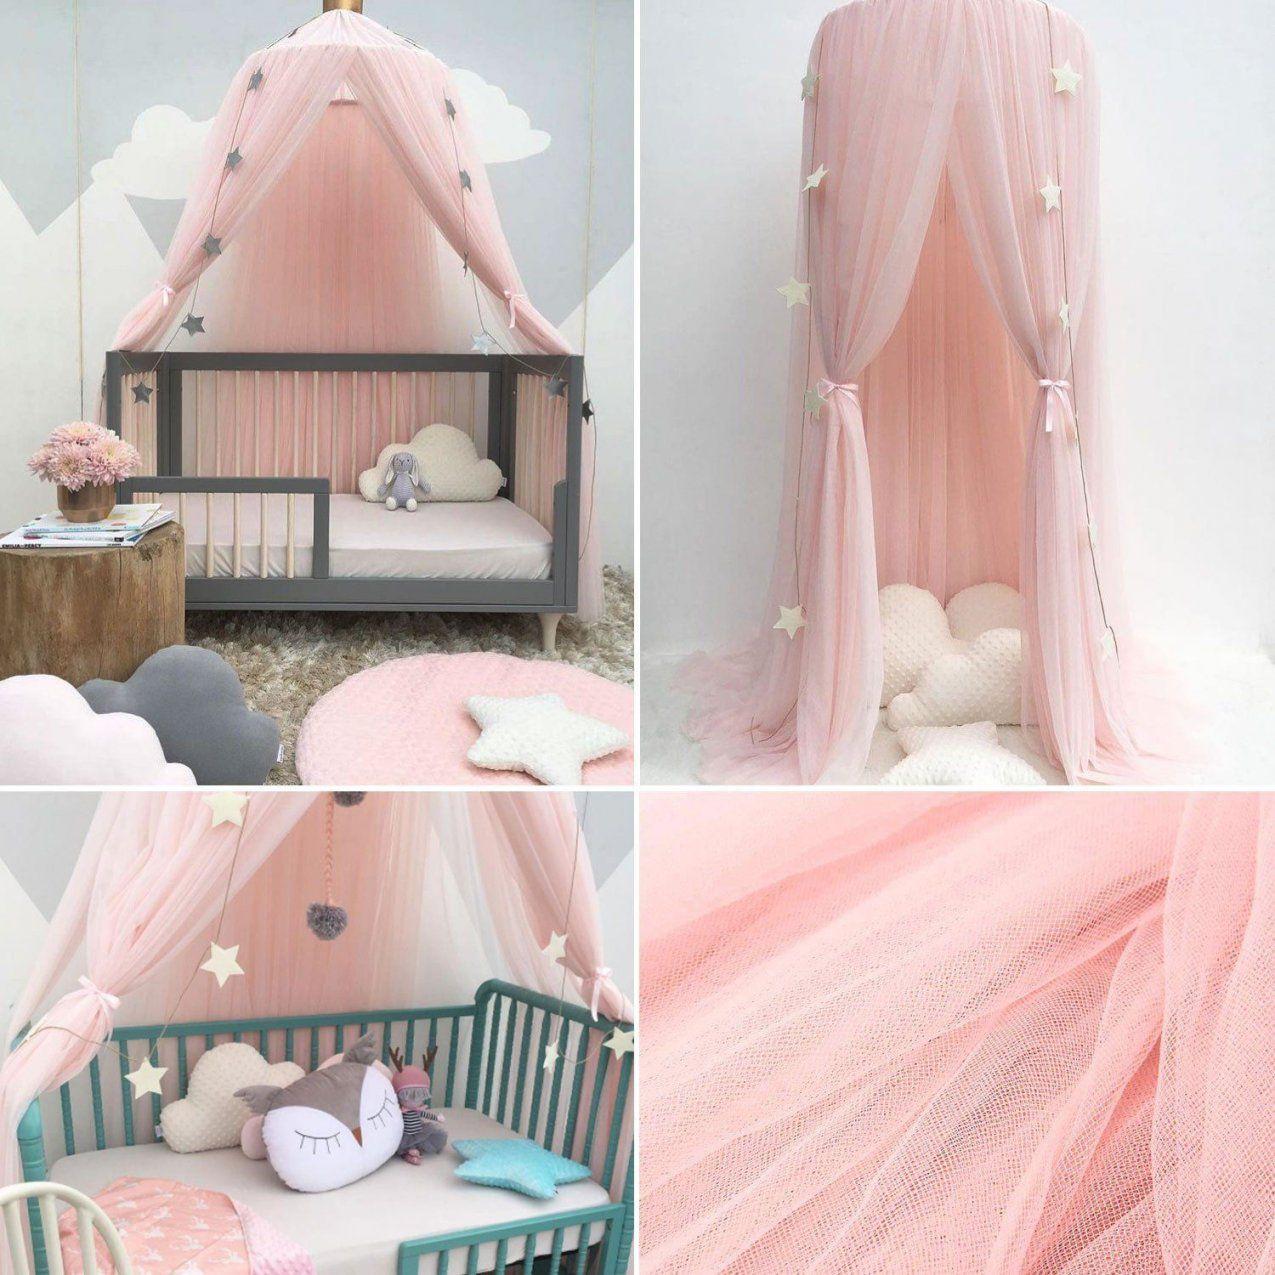 Werbung  Baldachin Kinderzimmer Betthimmel Moskitonetz Kinderbett von Betthimmel Kinderbett Selber Machen Bild